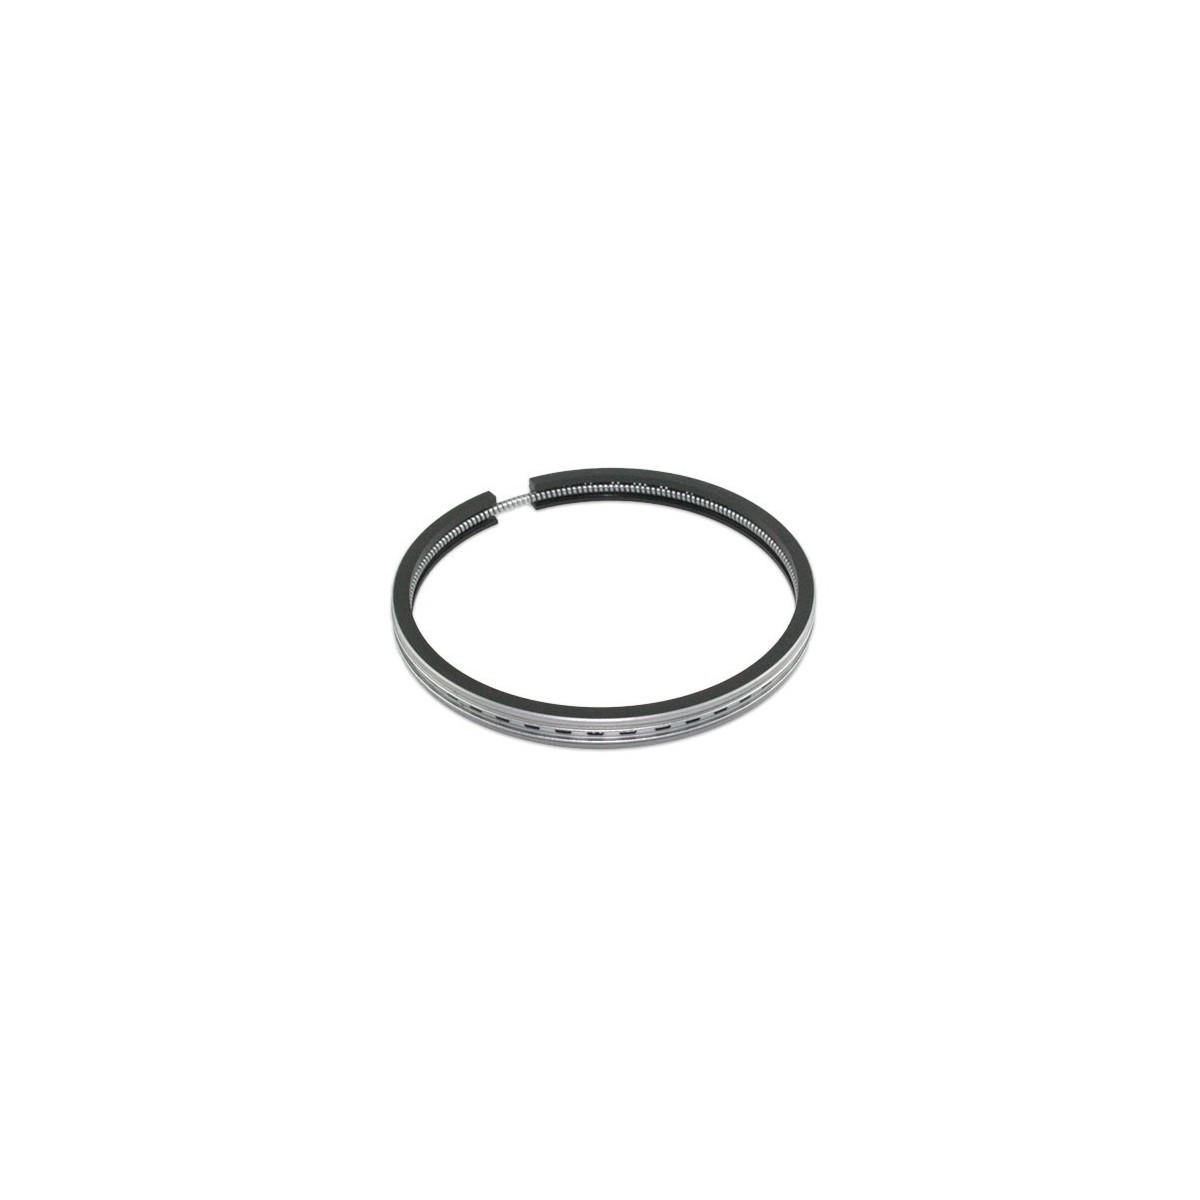 Zestaw pierścieni do tłoka Yanmar FX20 82: 2 x  2  x 4  STD